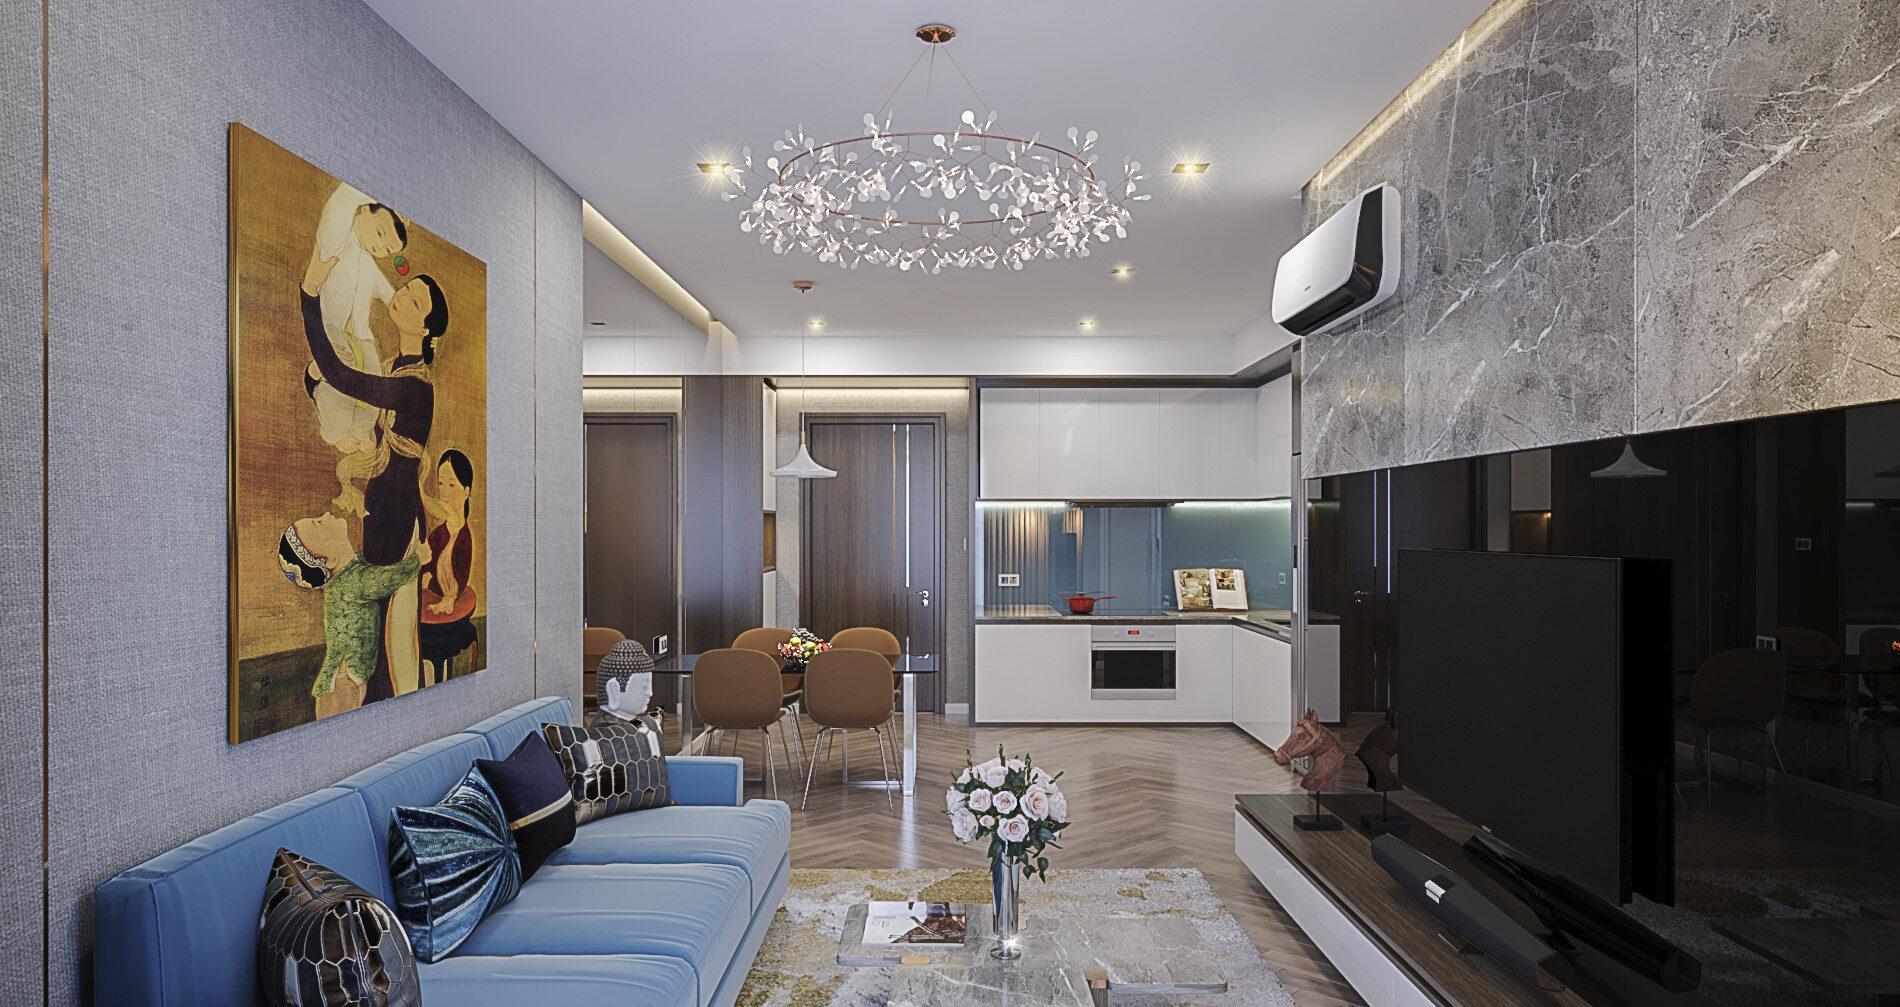 Nội thất phòng khách dự án Jamila tiện nghi và hiện đại